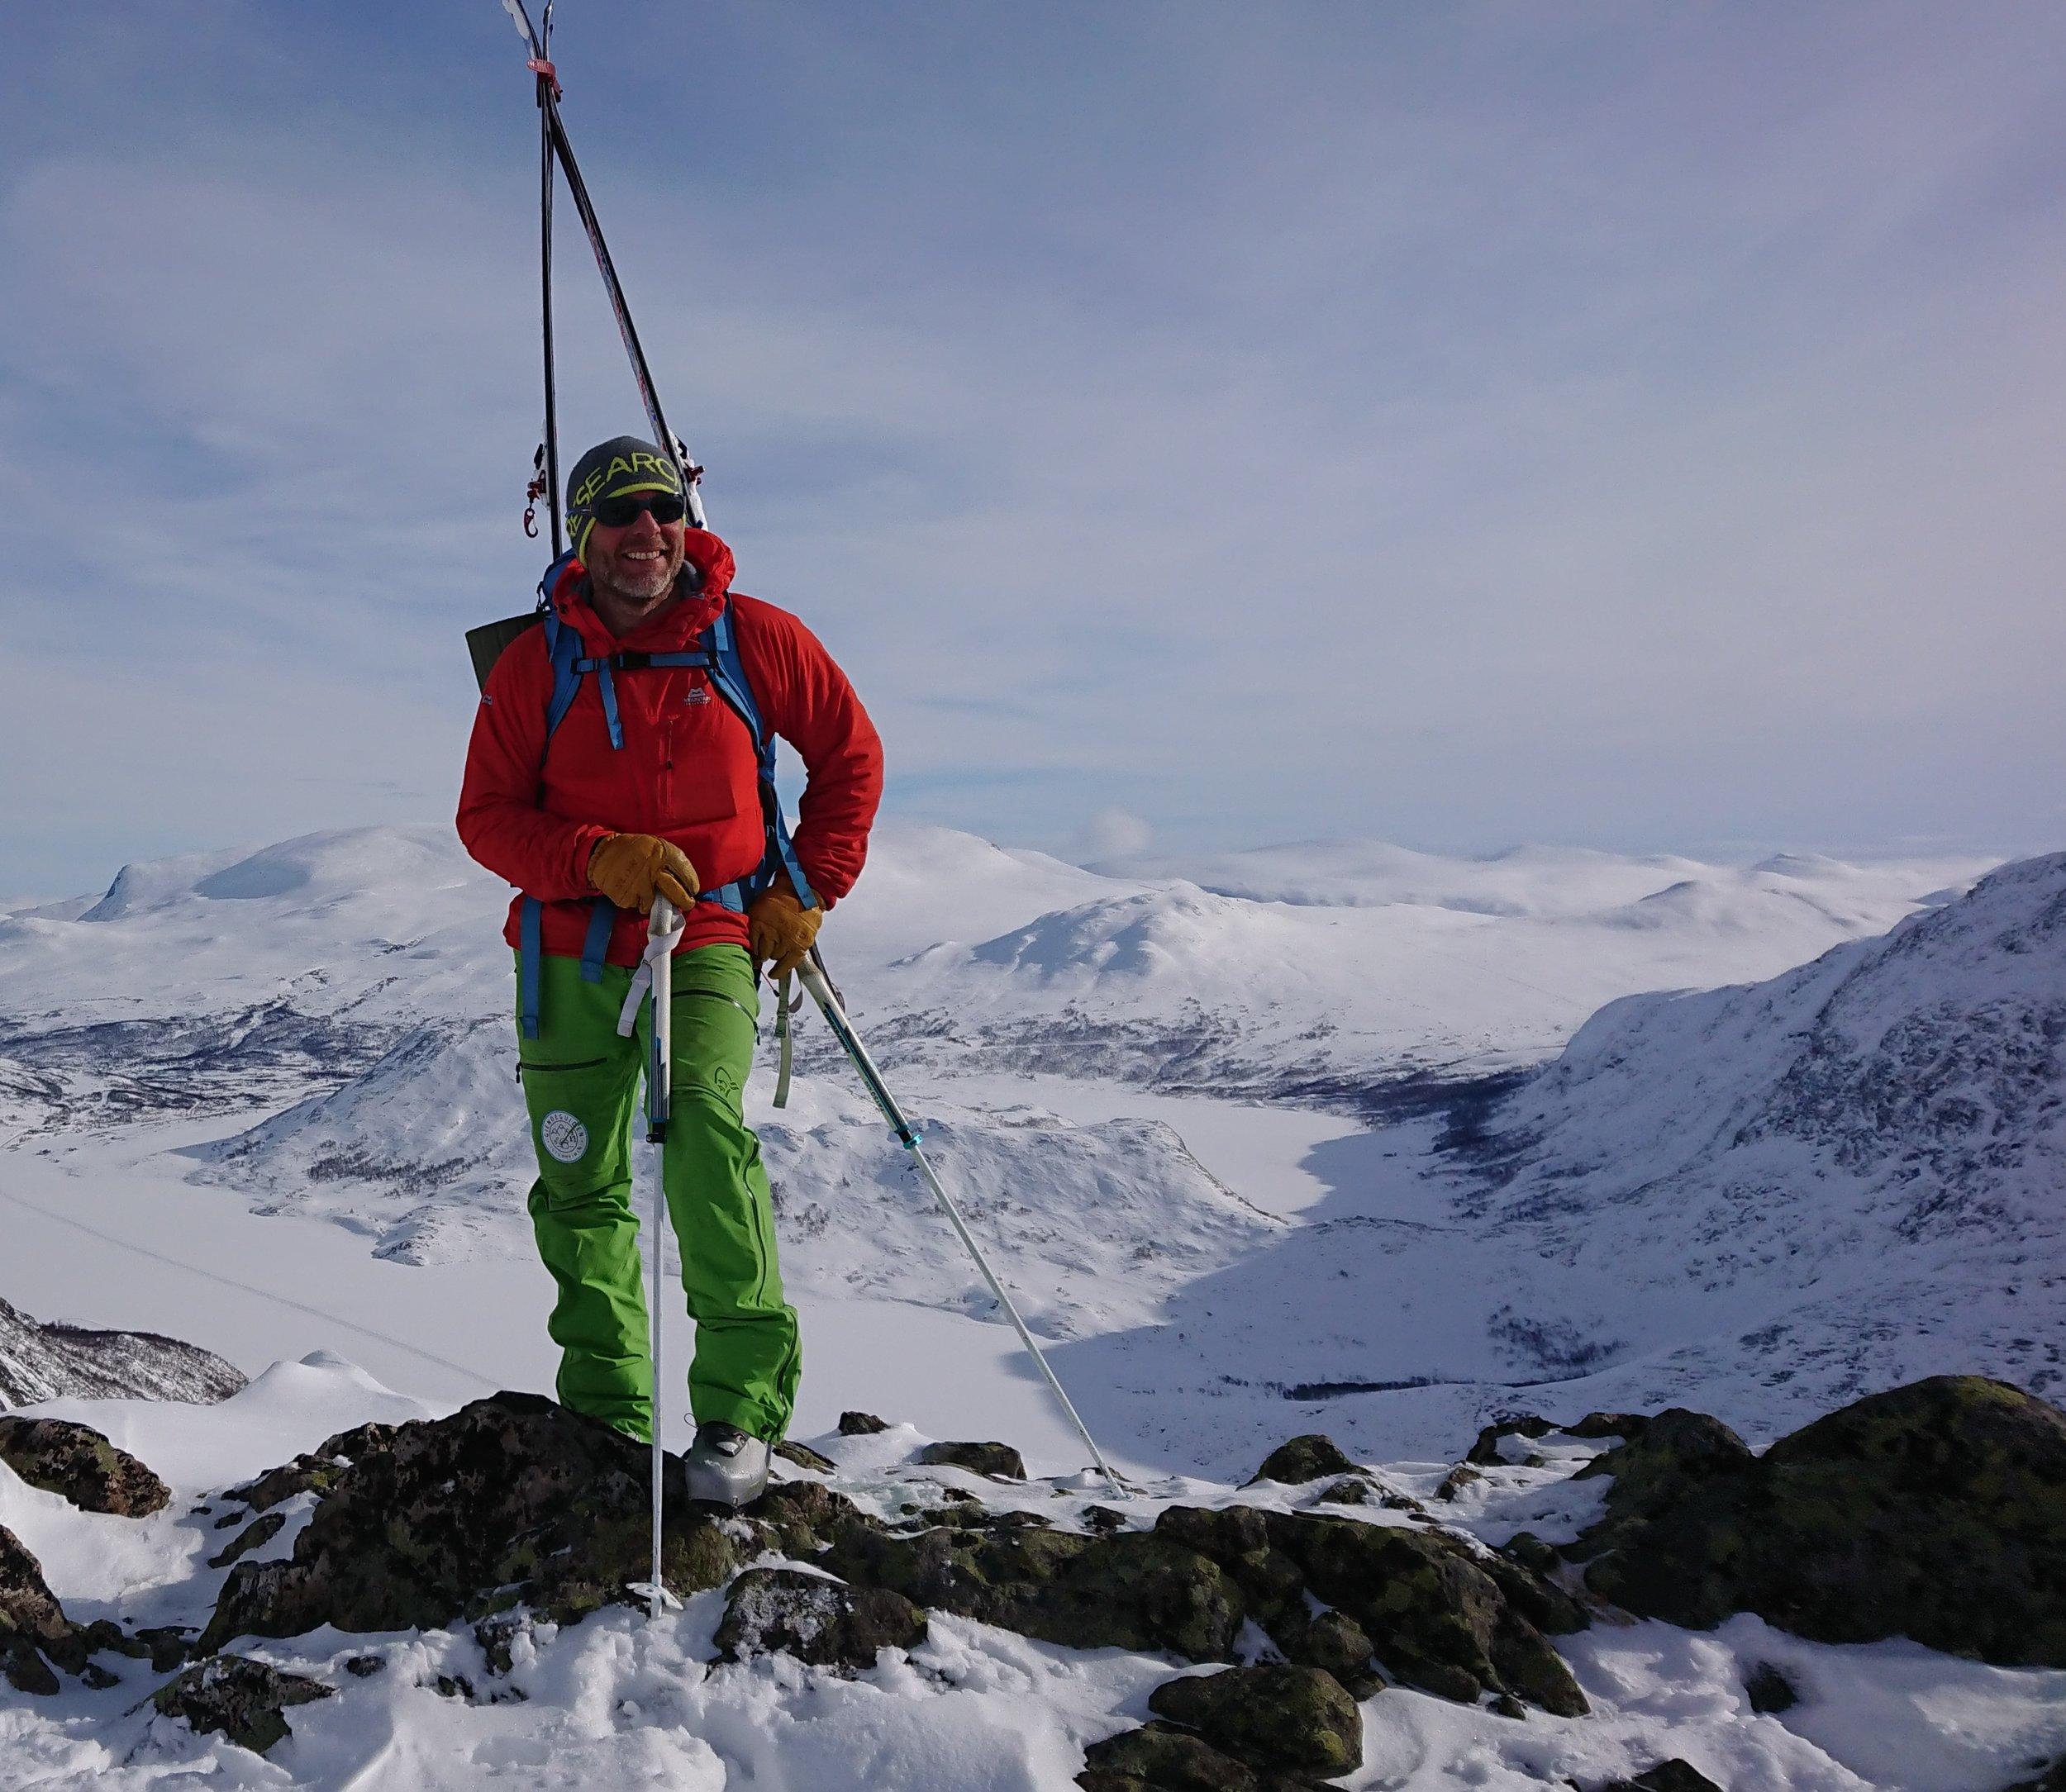 Knut-Erik frå GJENDEGUIDEN er hovedguide på denne turen. HØGRUTA Jotunheimen er eit eventyr, både i finver og uver, og alt ligg i korleis du håndterar ver, snø, deg sjøl og dei andre i gruppa. Spesielt det siste…